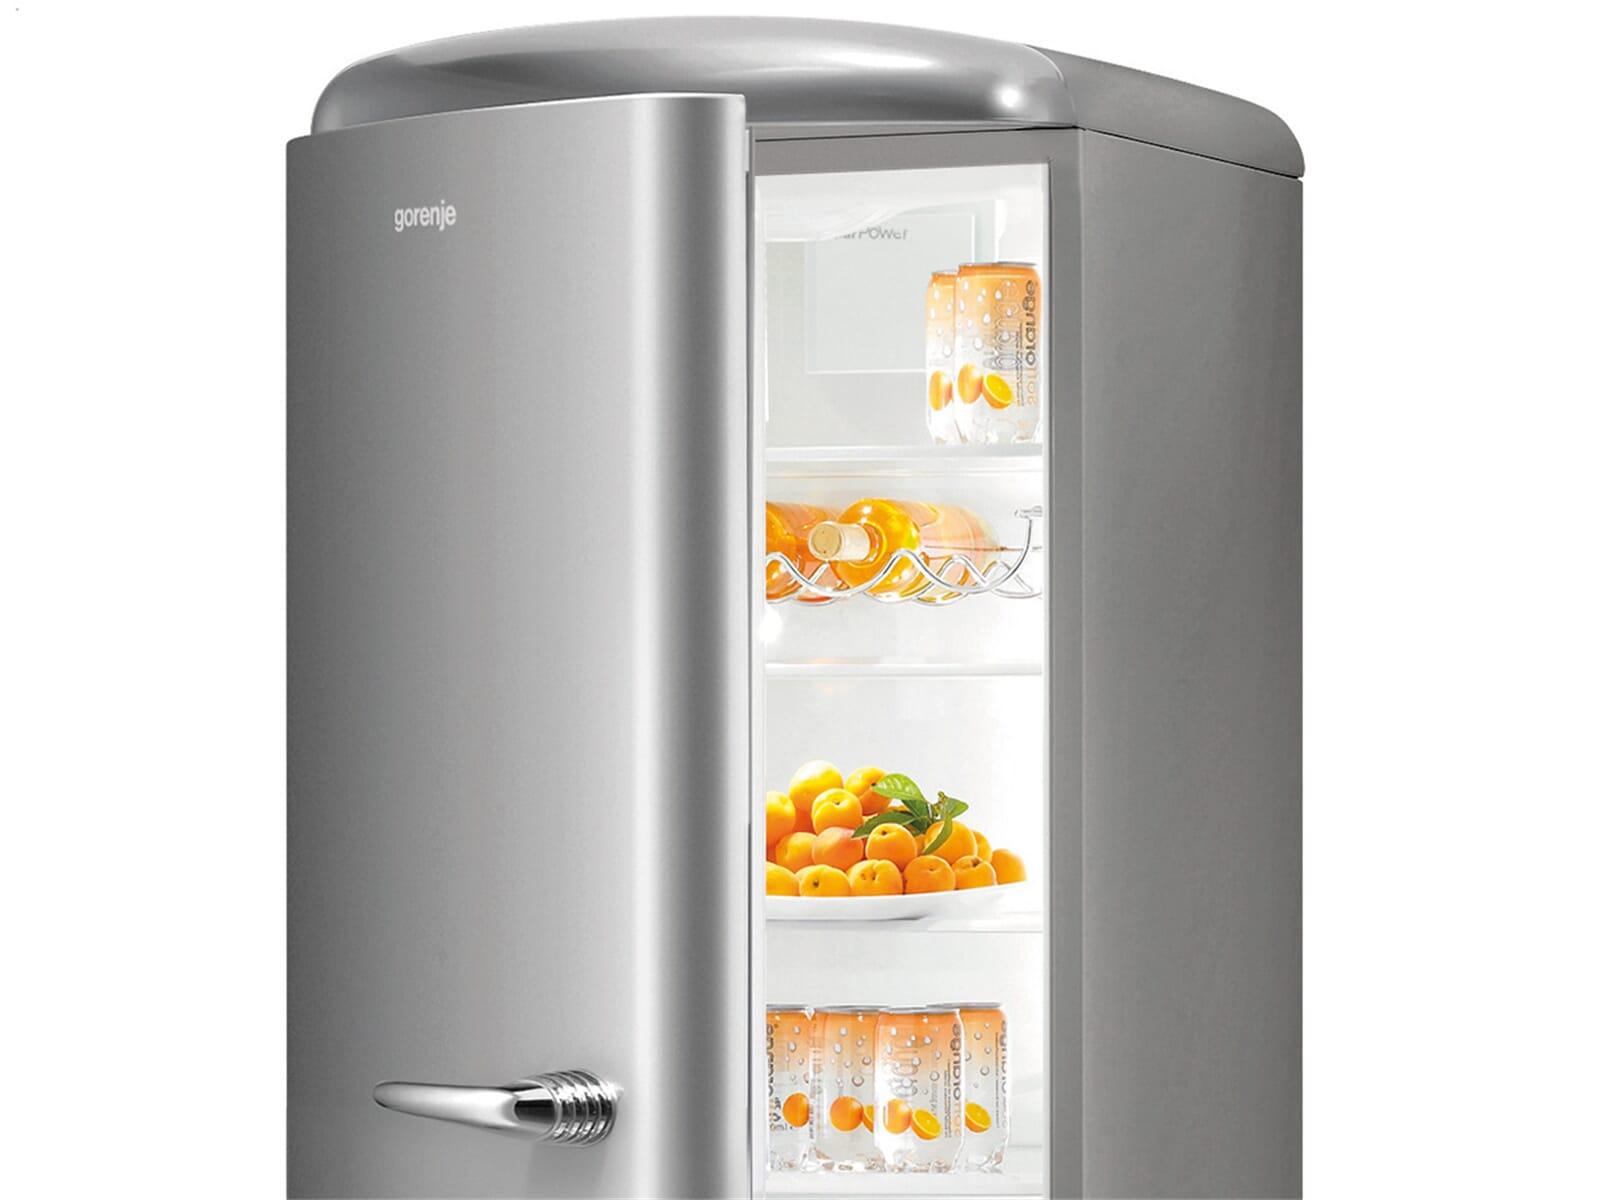 Gorenje Kühlschrank Glühbirne Wechseln : Gorenje kühlschrank birne wechseln gorenje led verkleidung lösen